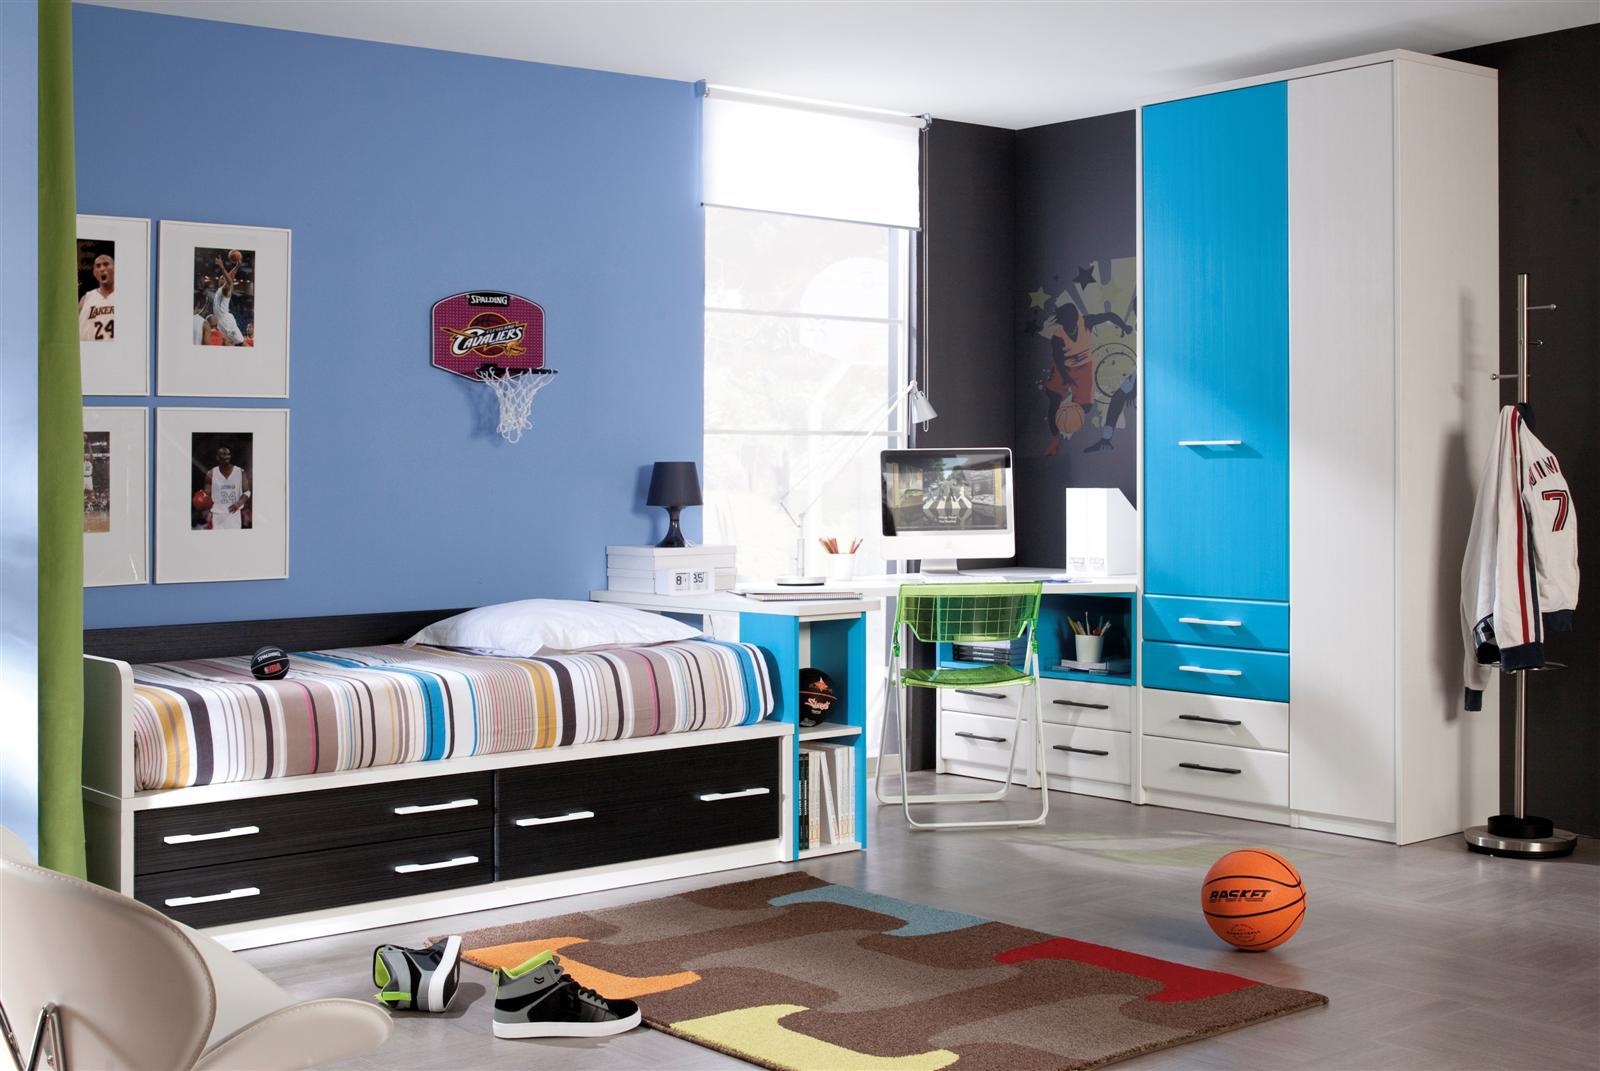 Детская комната для мальчика в баскетбольной тематике